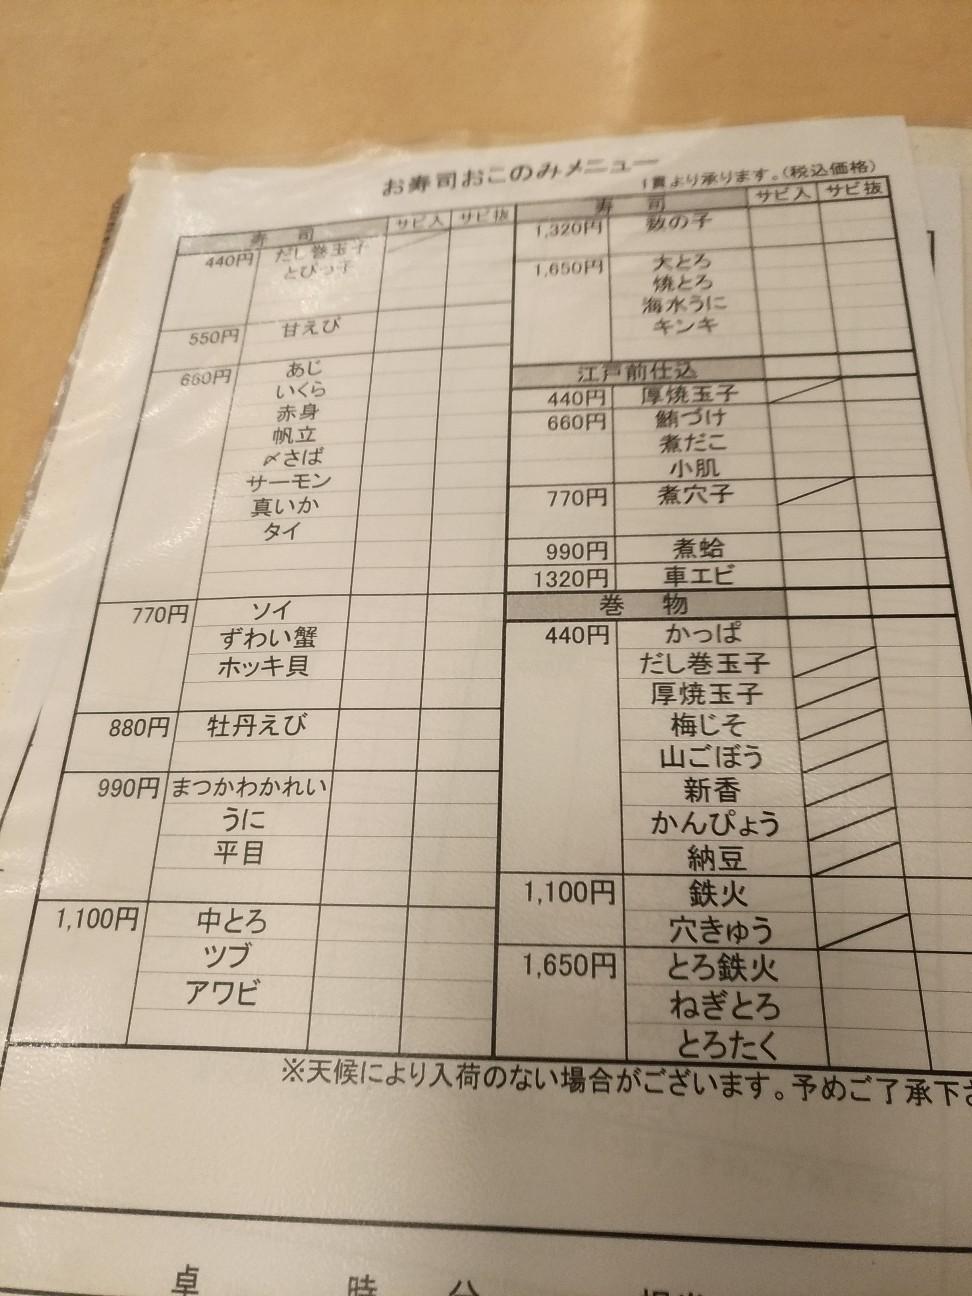 f:id:HKT1989:20200209011247j:plain